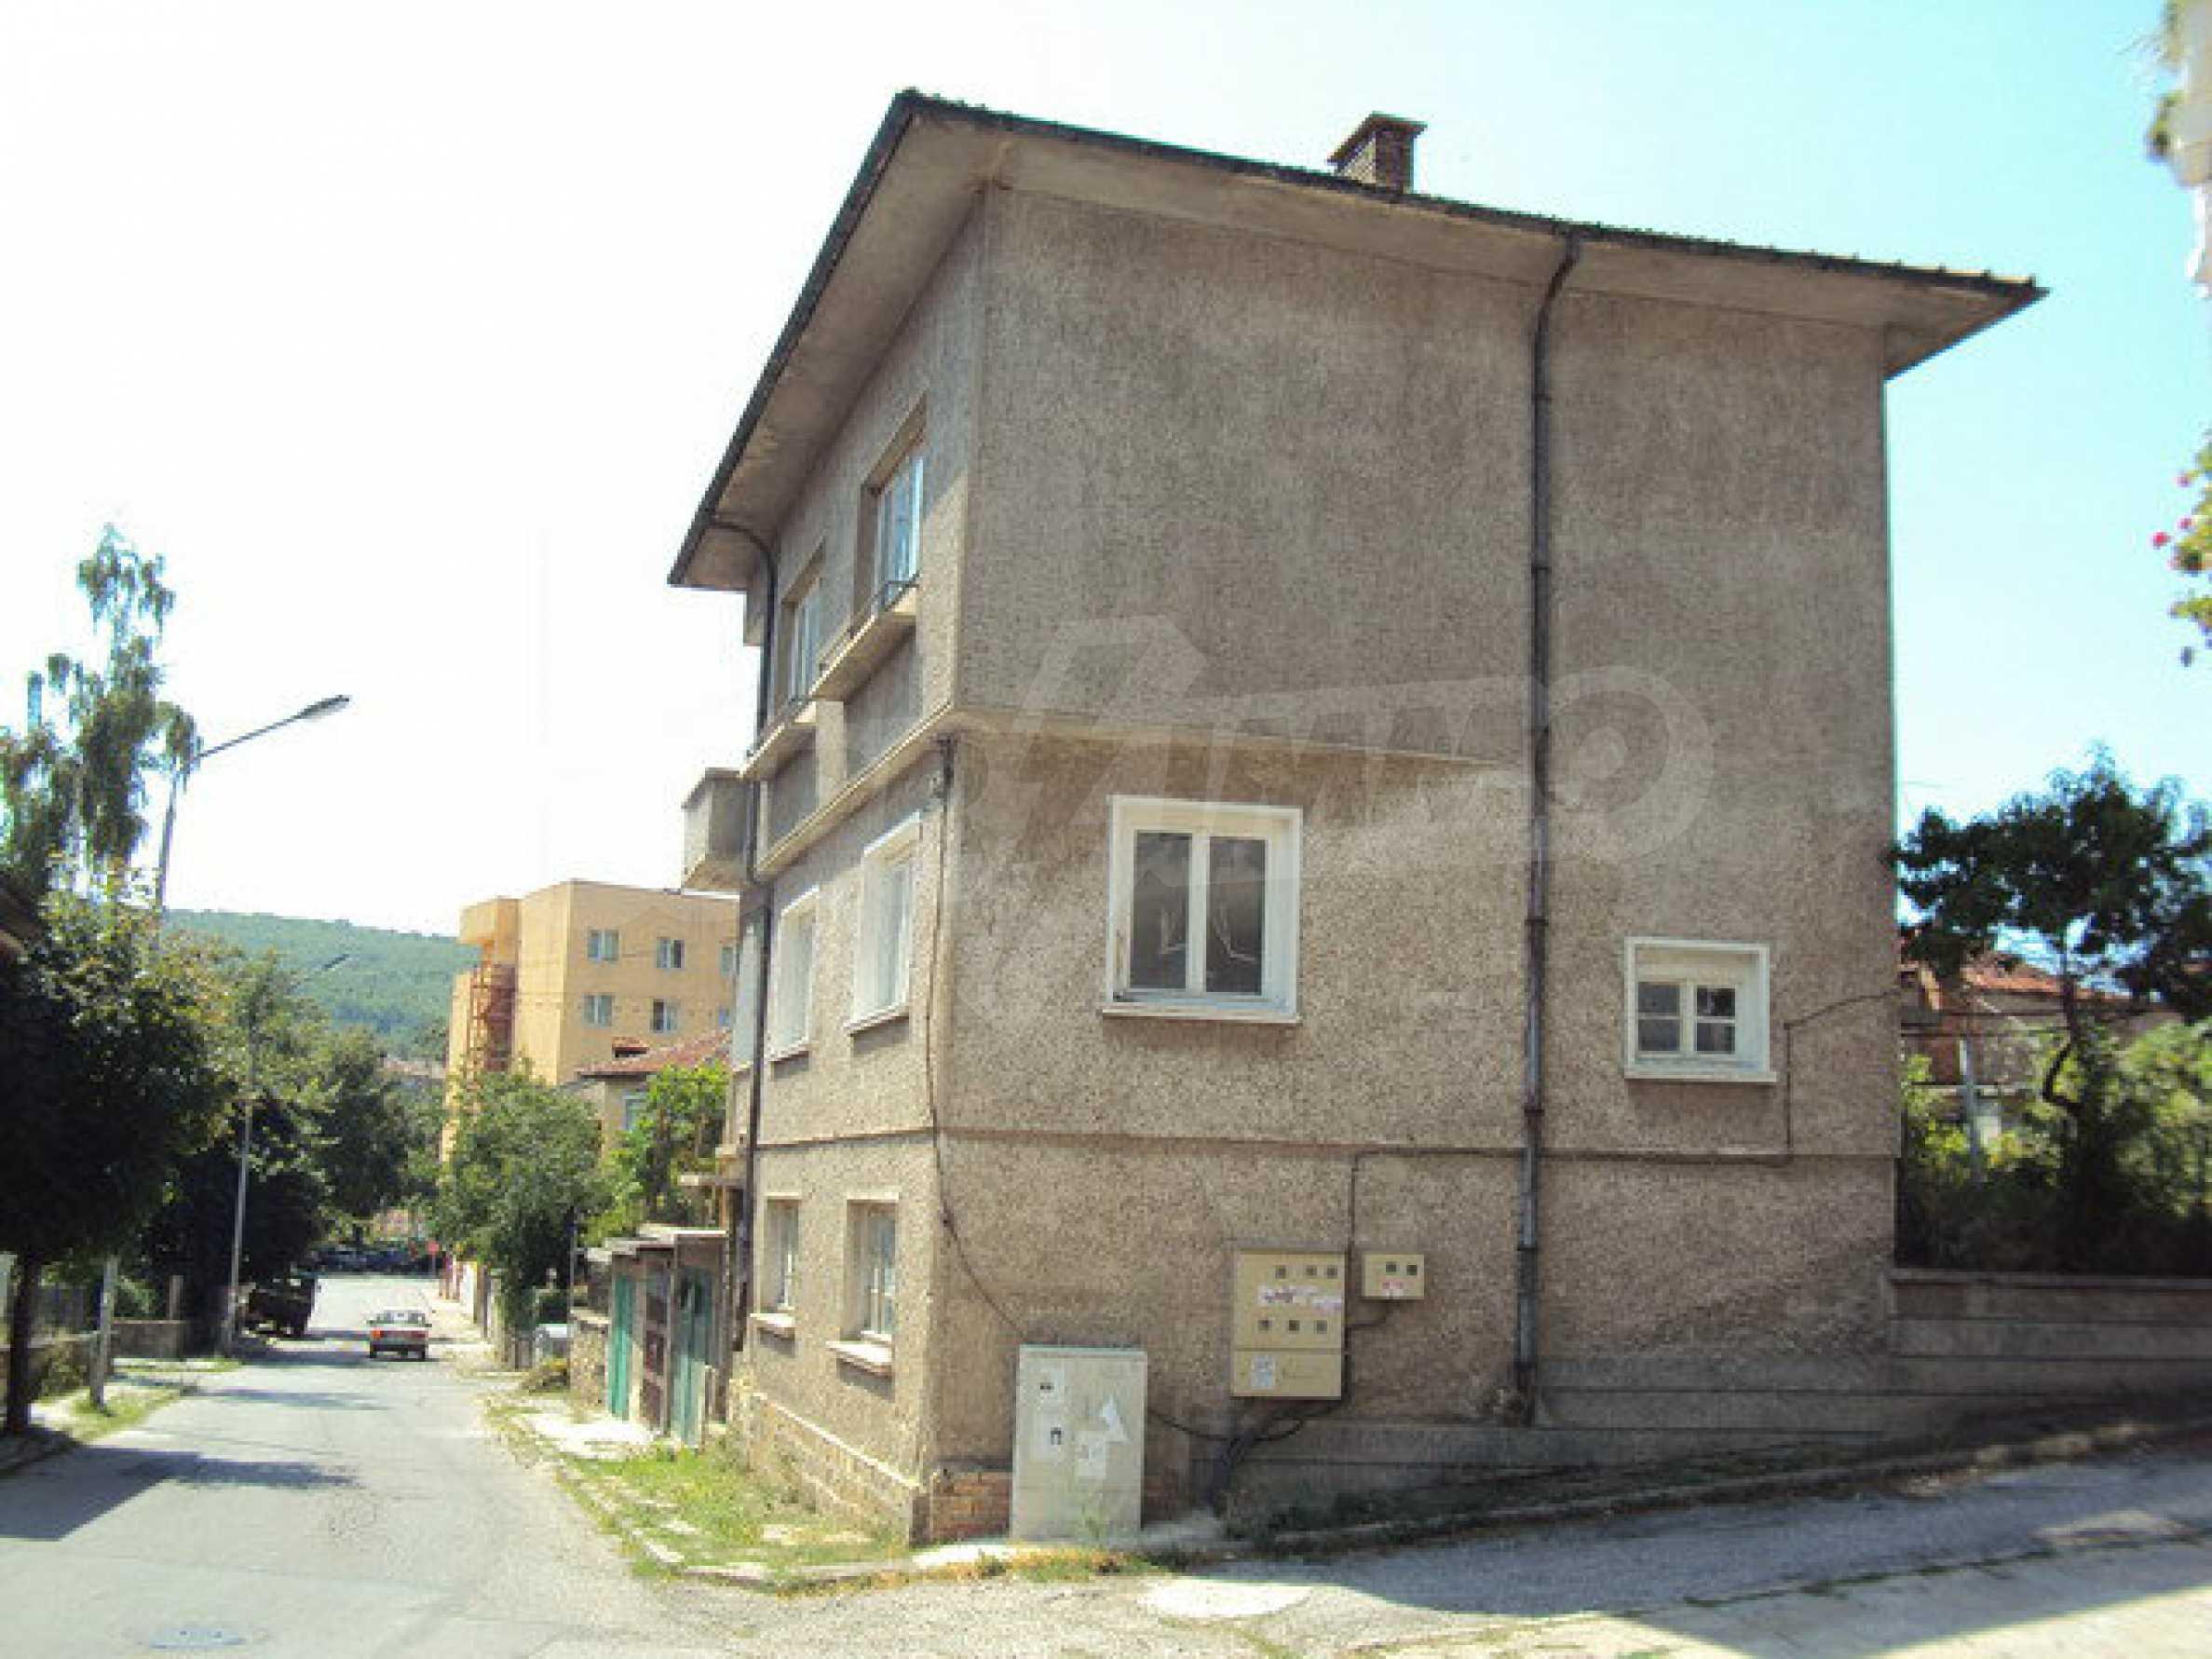 Geräumiges Haus mit Hof, Garage und Nebengebäude in Dryanovo 2